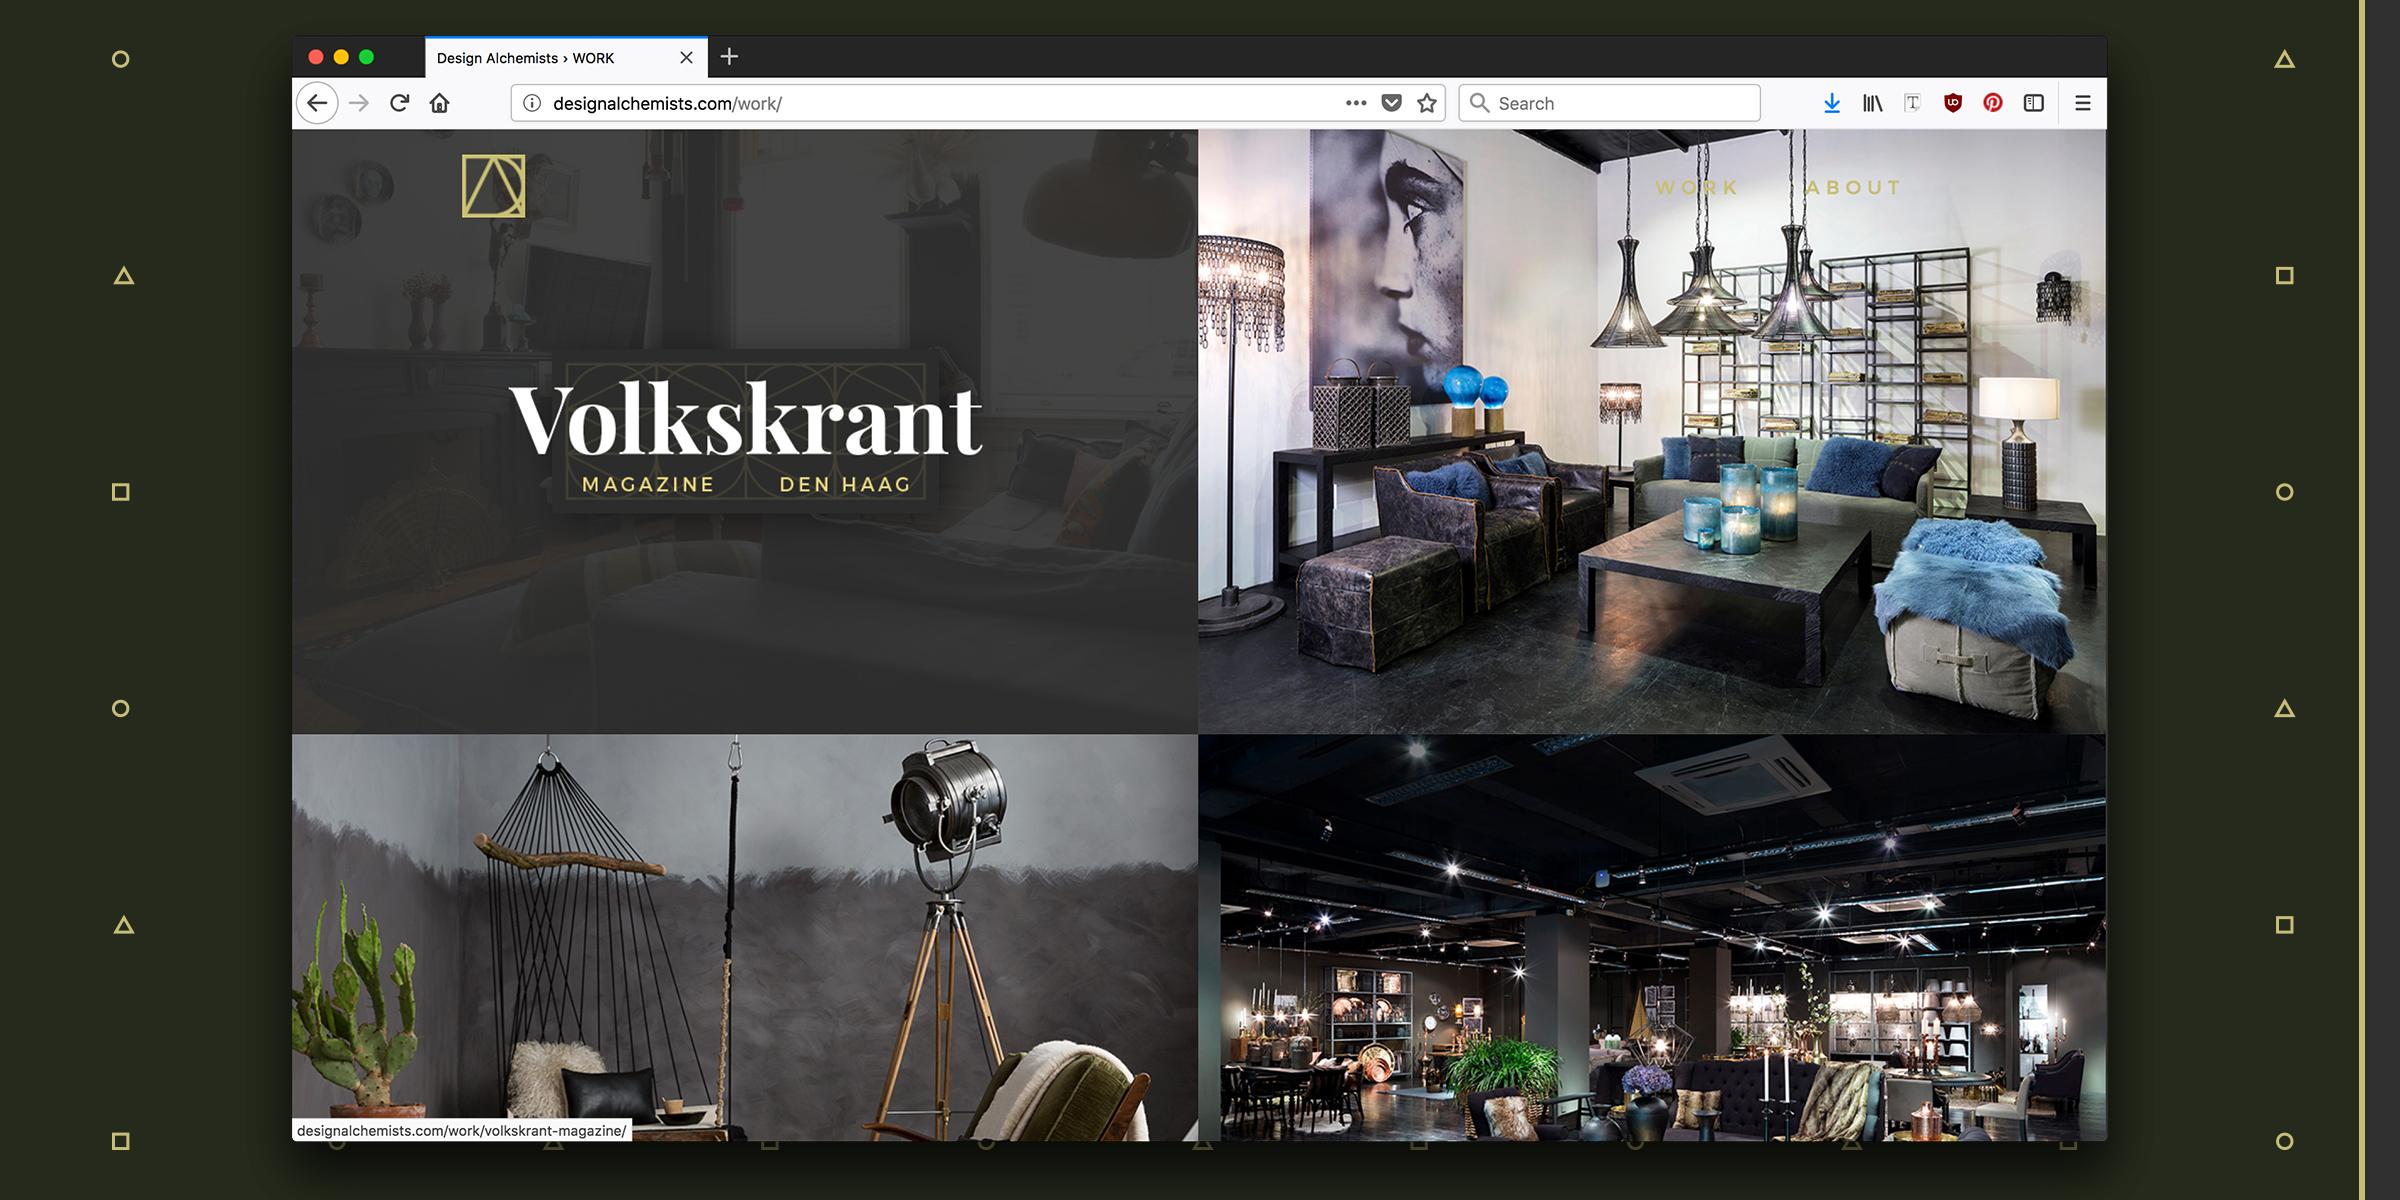 Sebastiaan-Werkendam-design-alchemists-slider-06